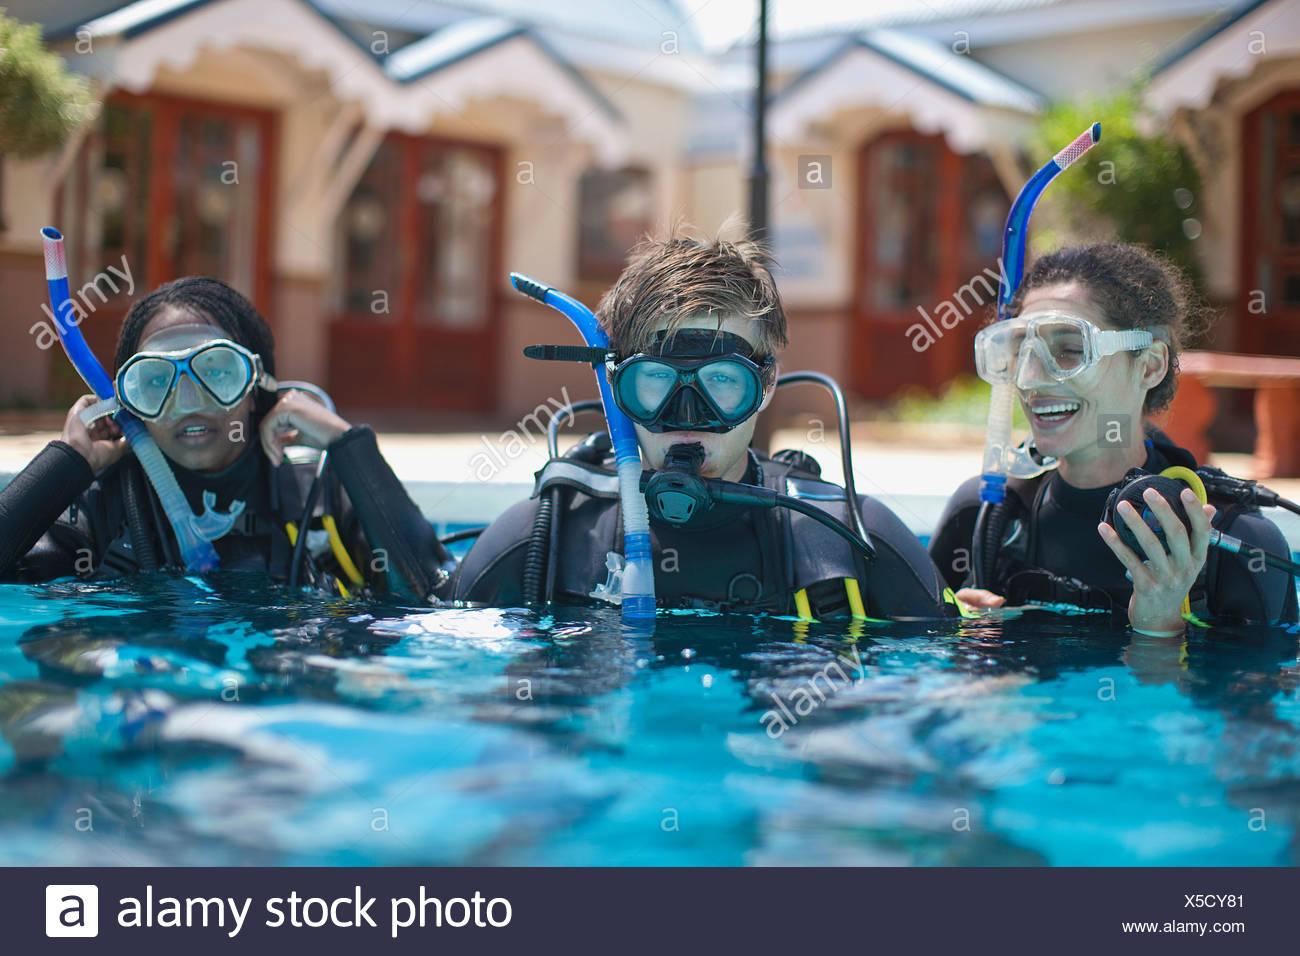 Trois jeunes plongeurs adultes en formation piscine Photo Stock